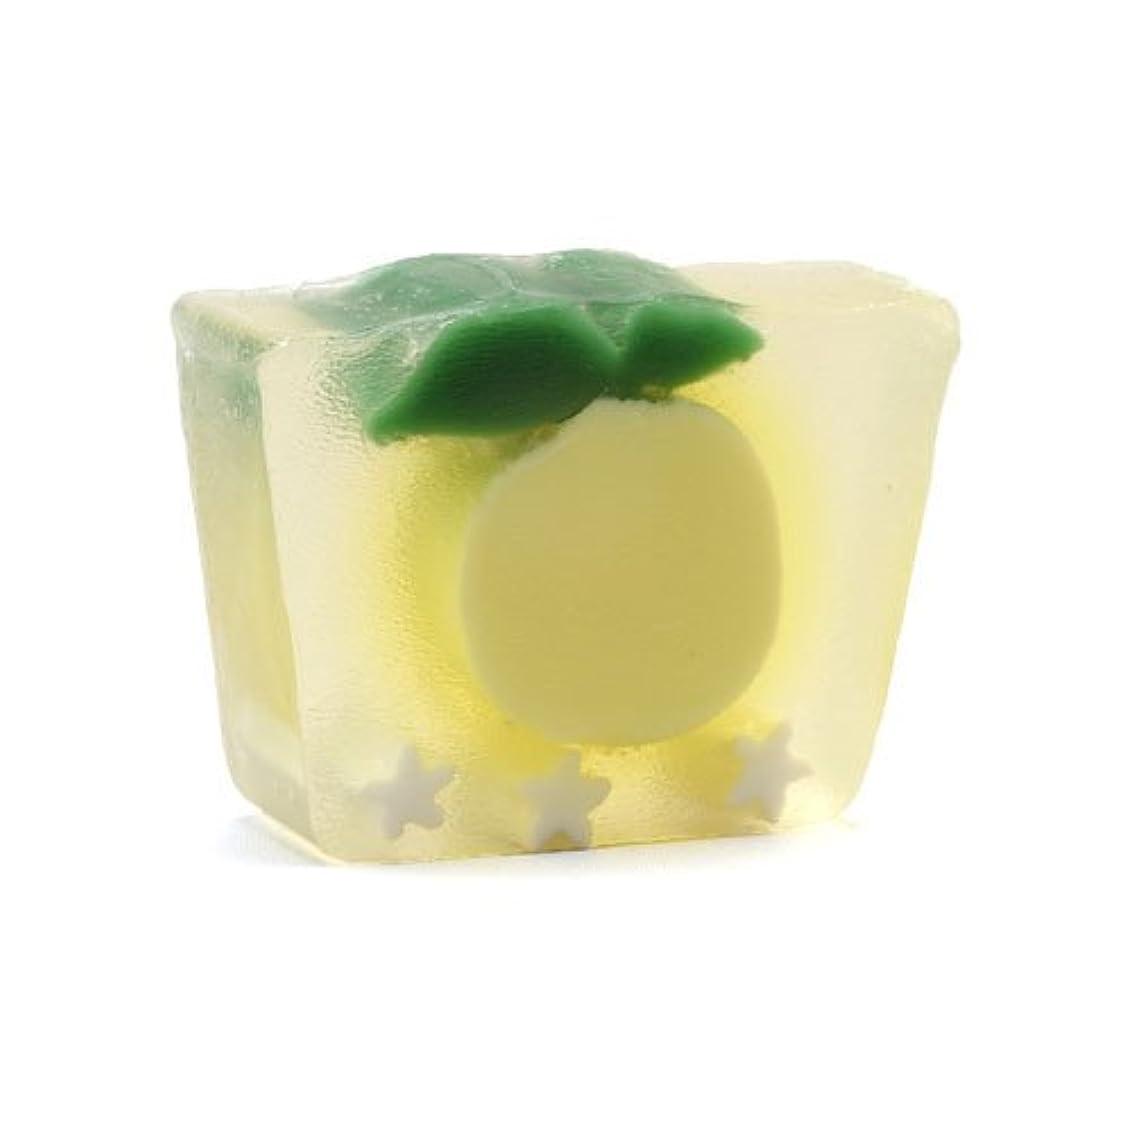 メディカル安価な課税プライモールエレメンツ アロマティック ミニソープ カリフォルニアレモン 80g 植物性 ナチュラル 石鹸 無添加